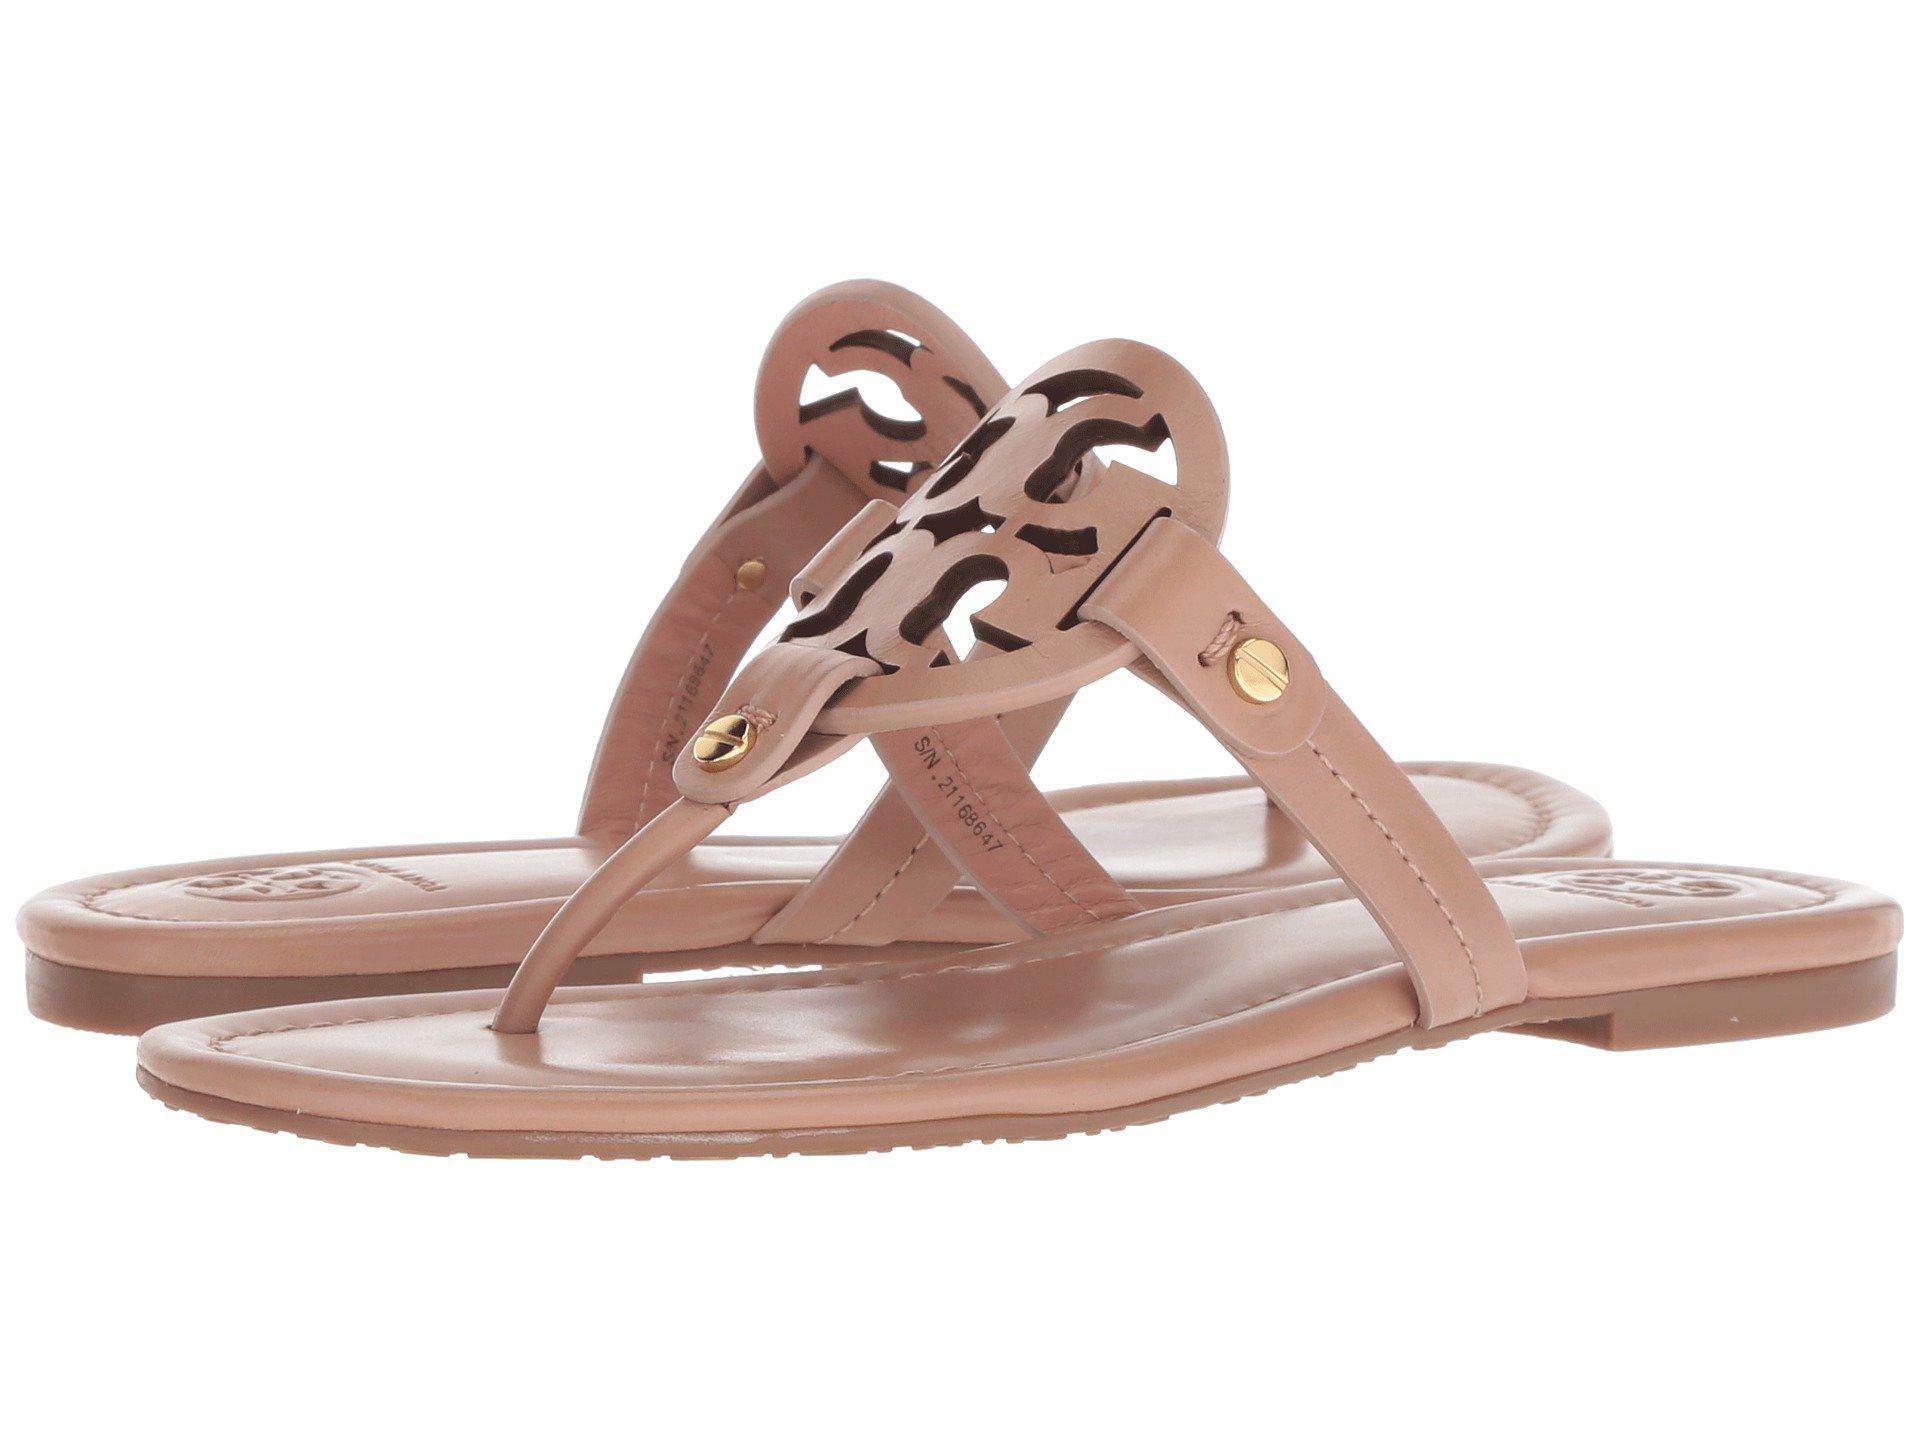 593a8ff3f3260e Lyst - Tory Burch Miller Flip Flop Sandal (light Makeup) Women s Shoes